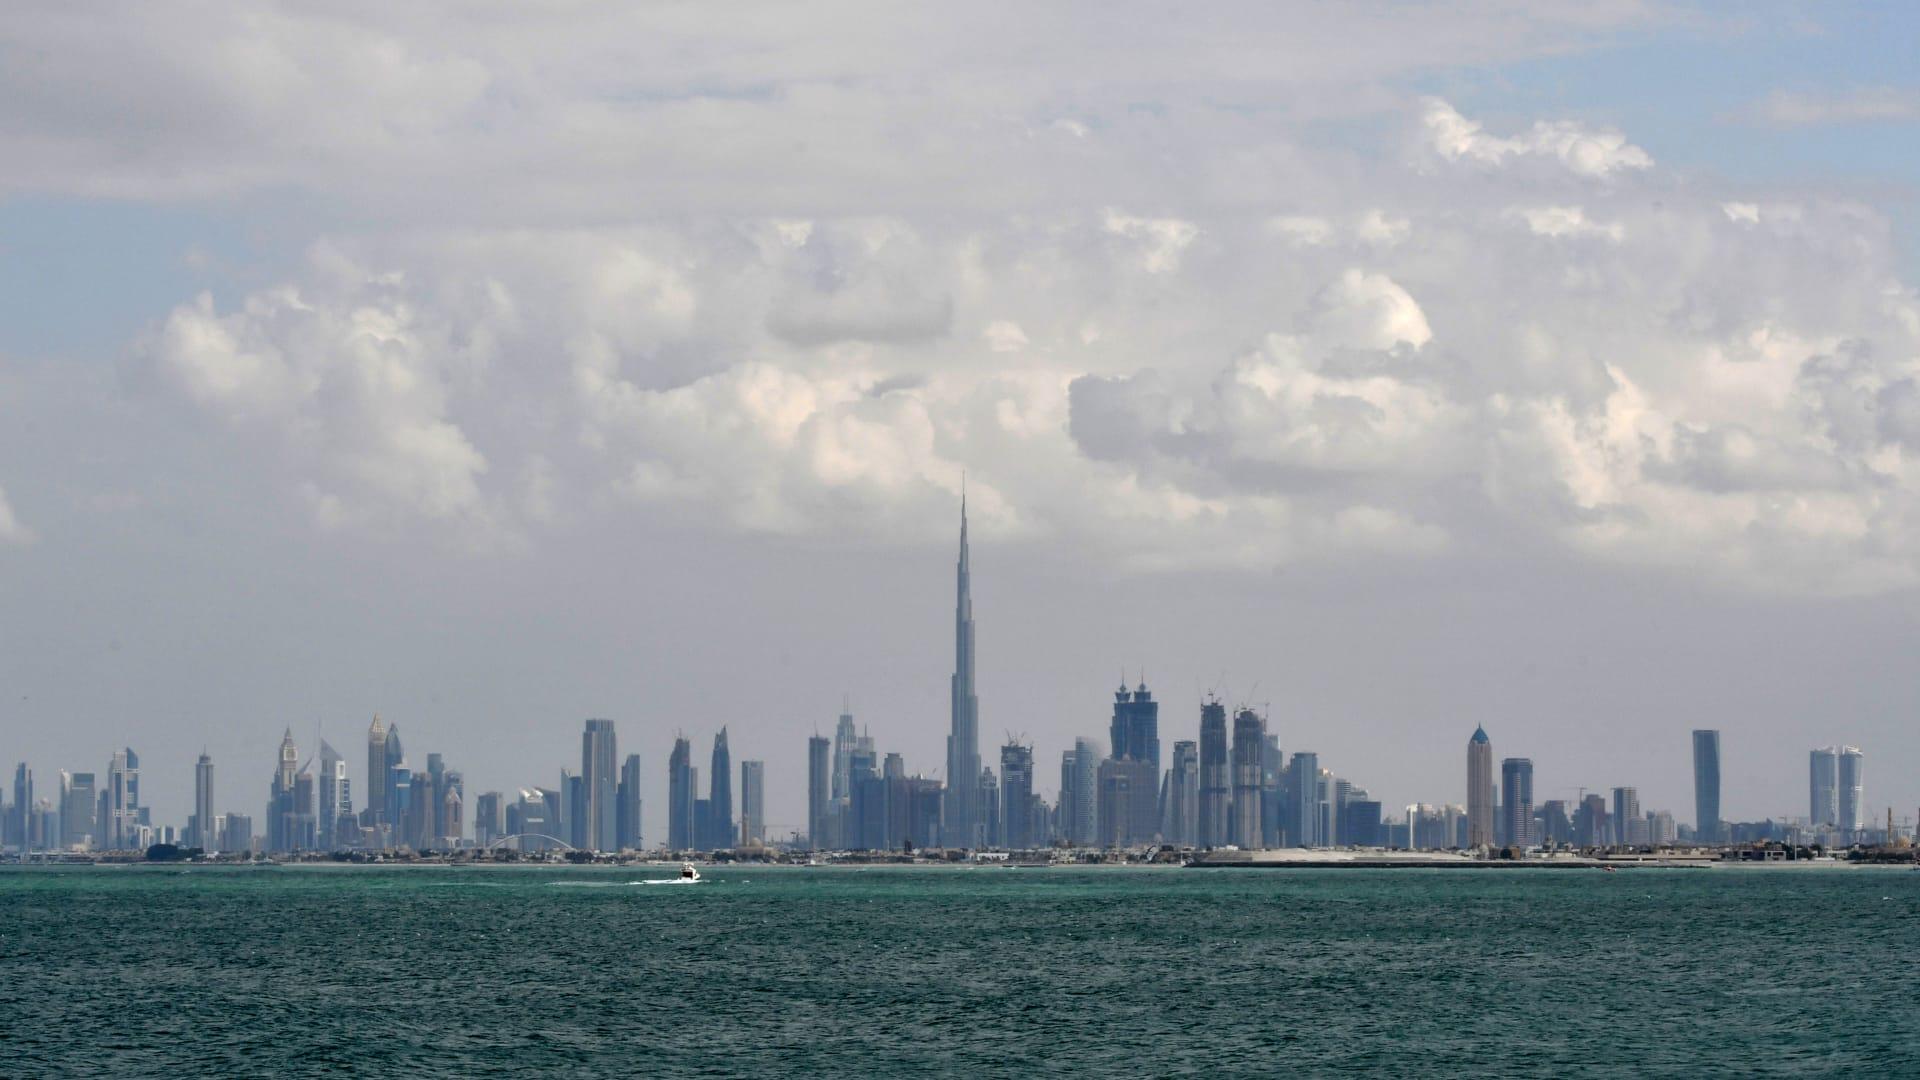 الأول من نوعه في العالم.. مشاركة 745 رياضيا في ماراثون دبي المنزلي